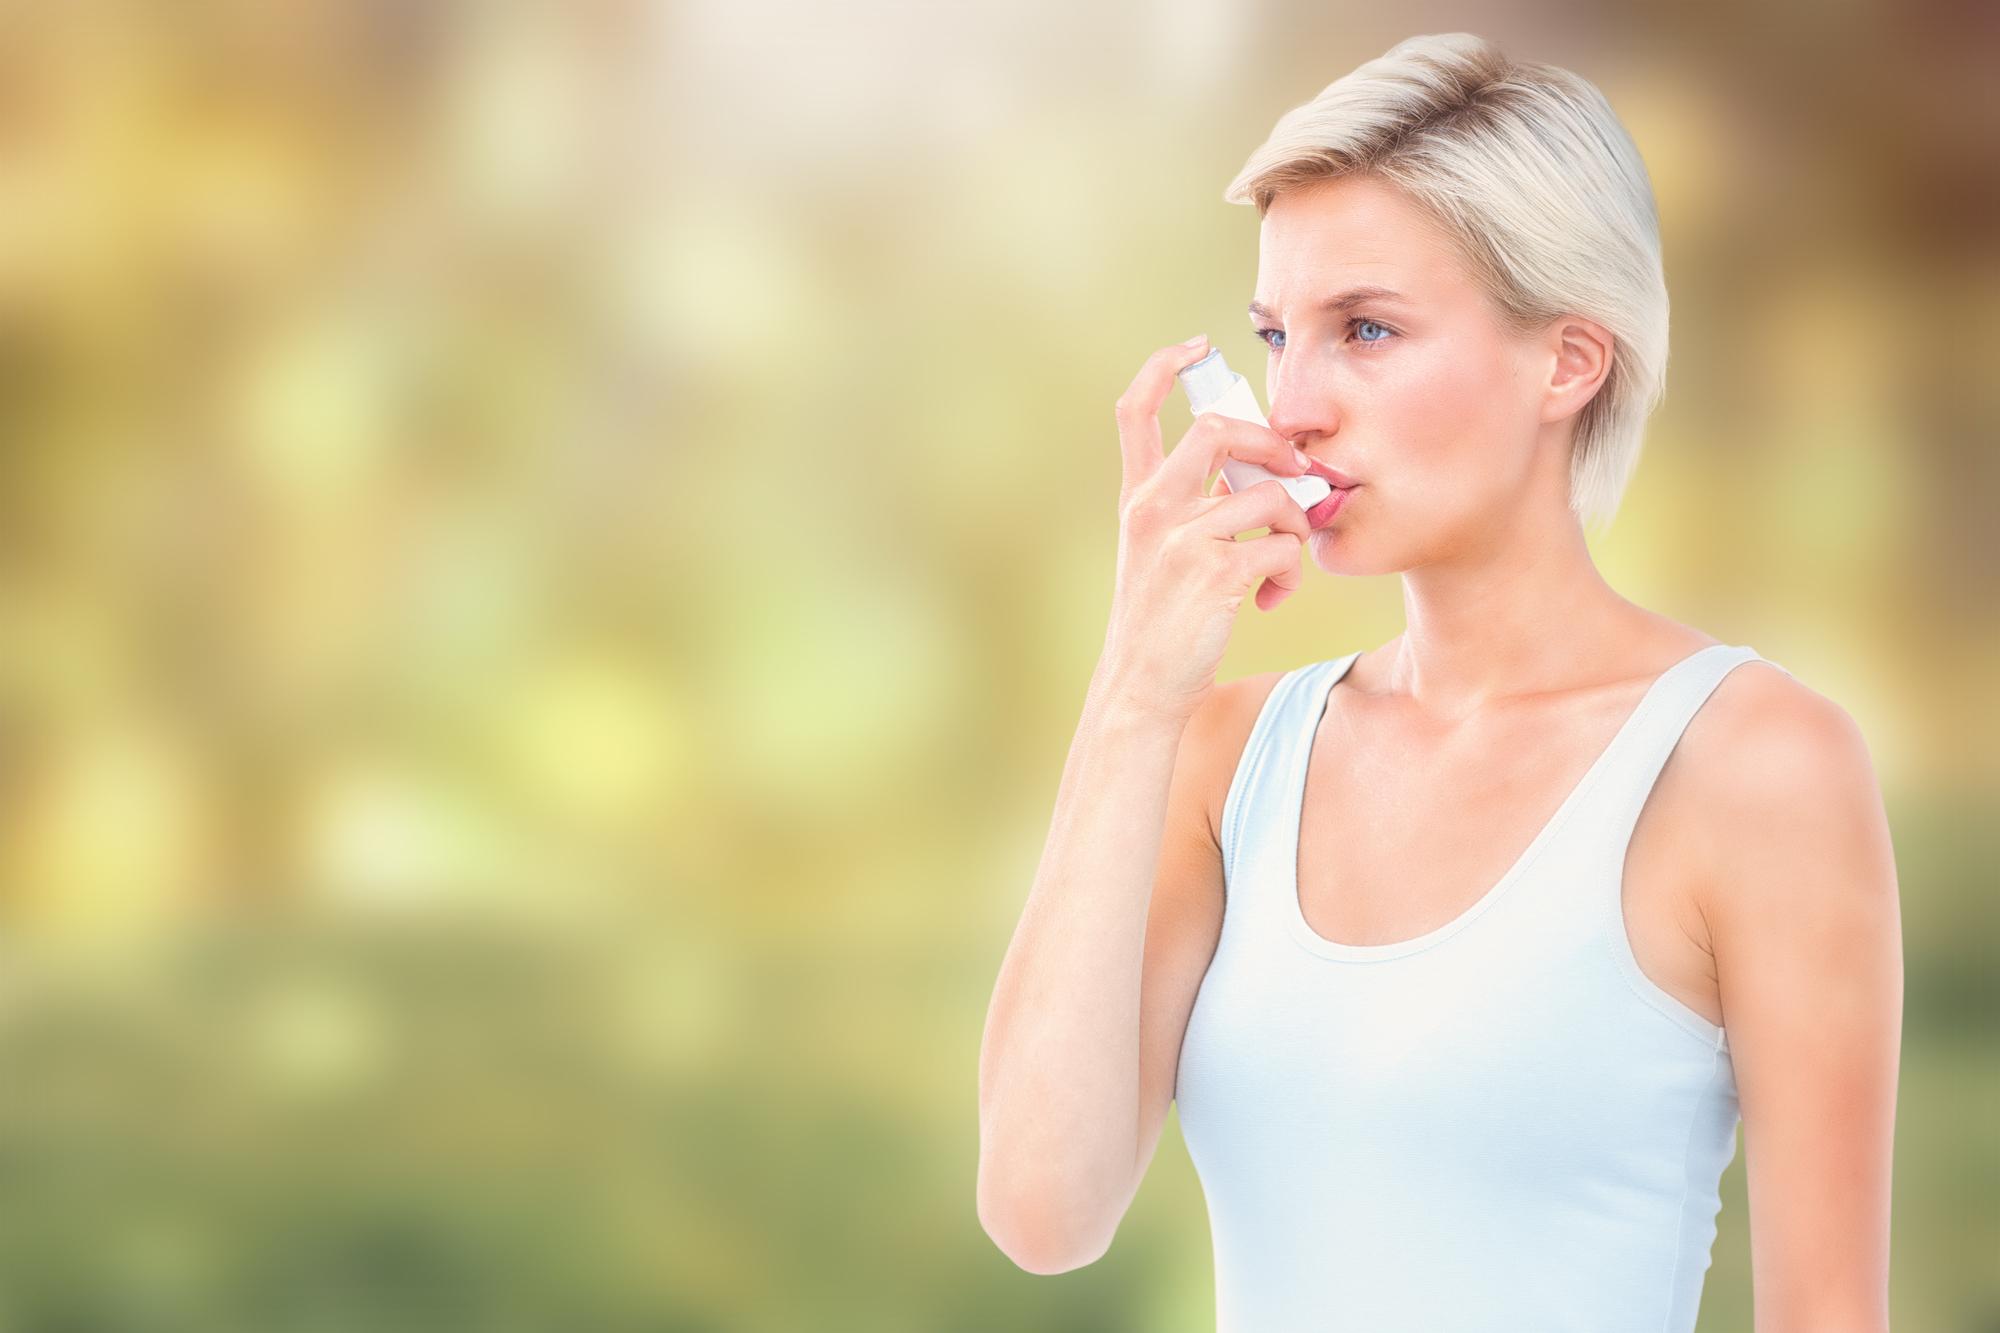 喘息患者でも運動して大丈夫ですか?